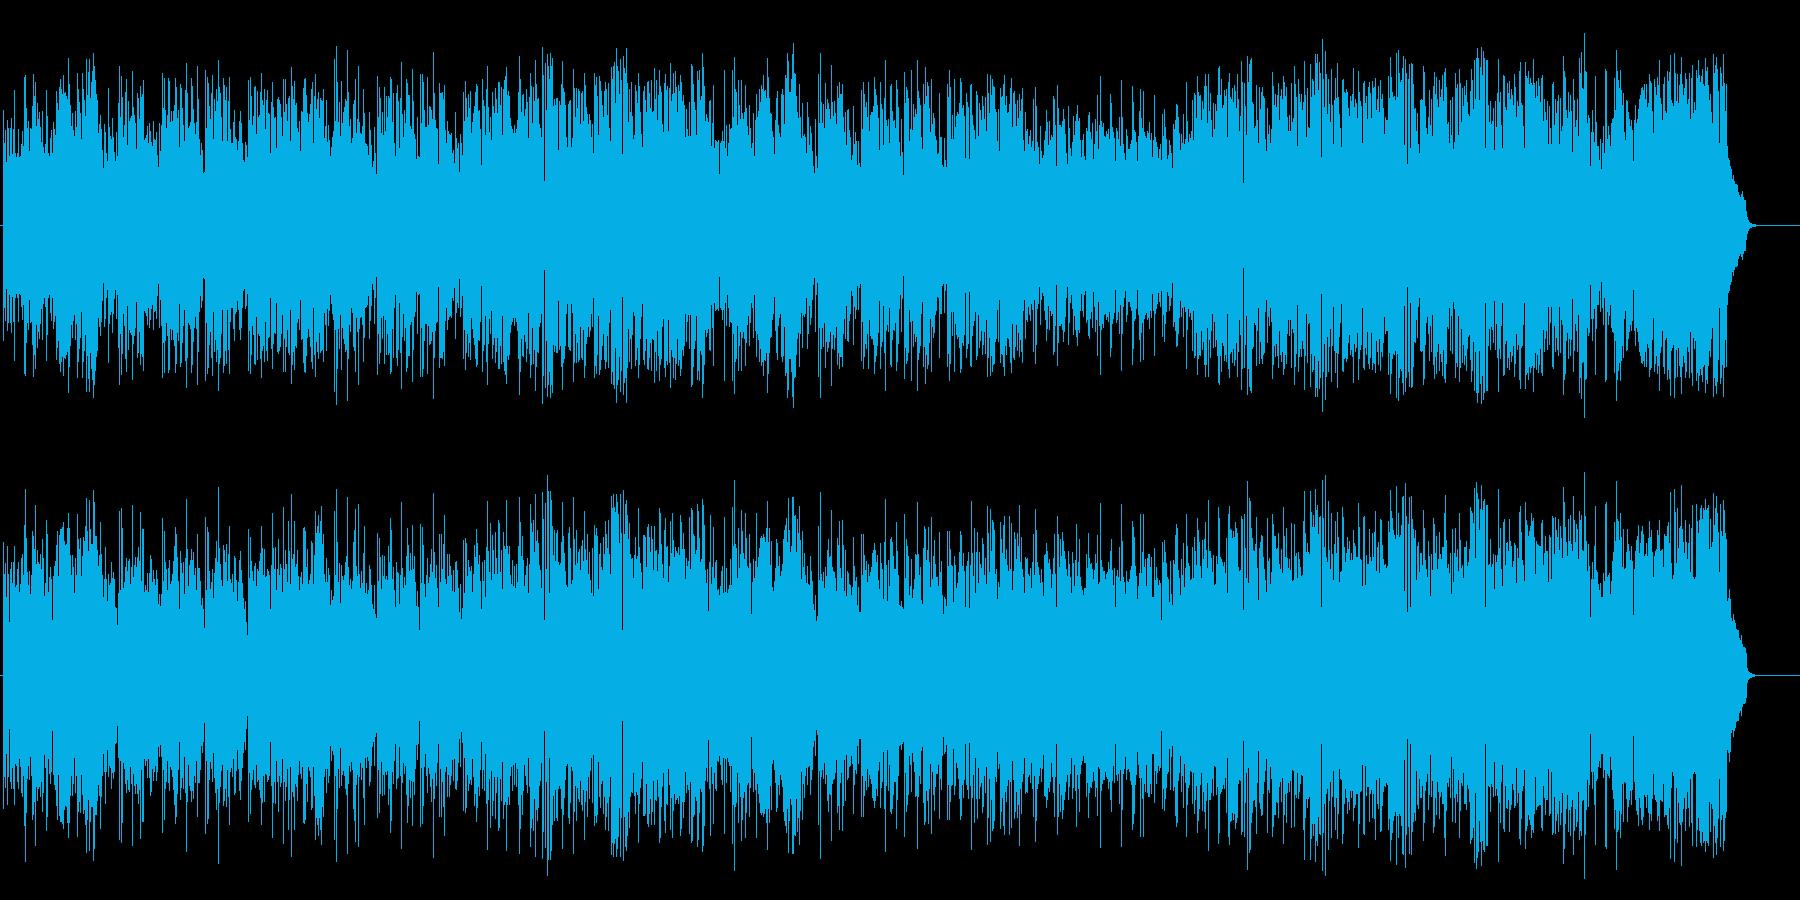 フュージョンバラード(フルサイズ)の再生済みの波形